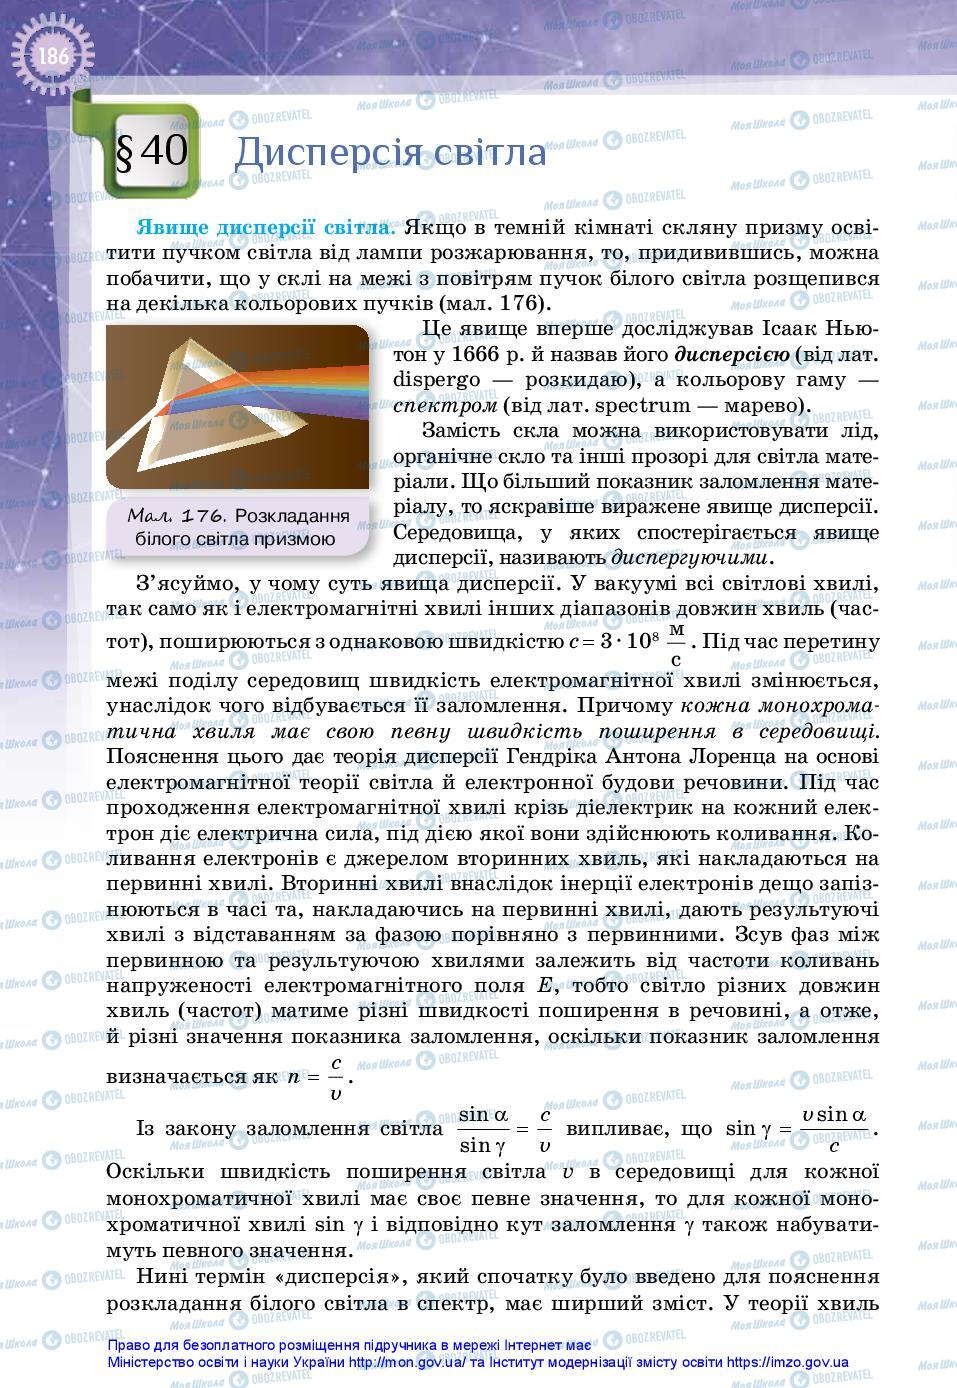 Підручники Фізика 11 клас сторінка 186